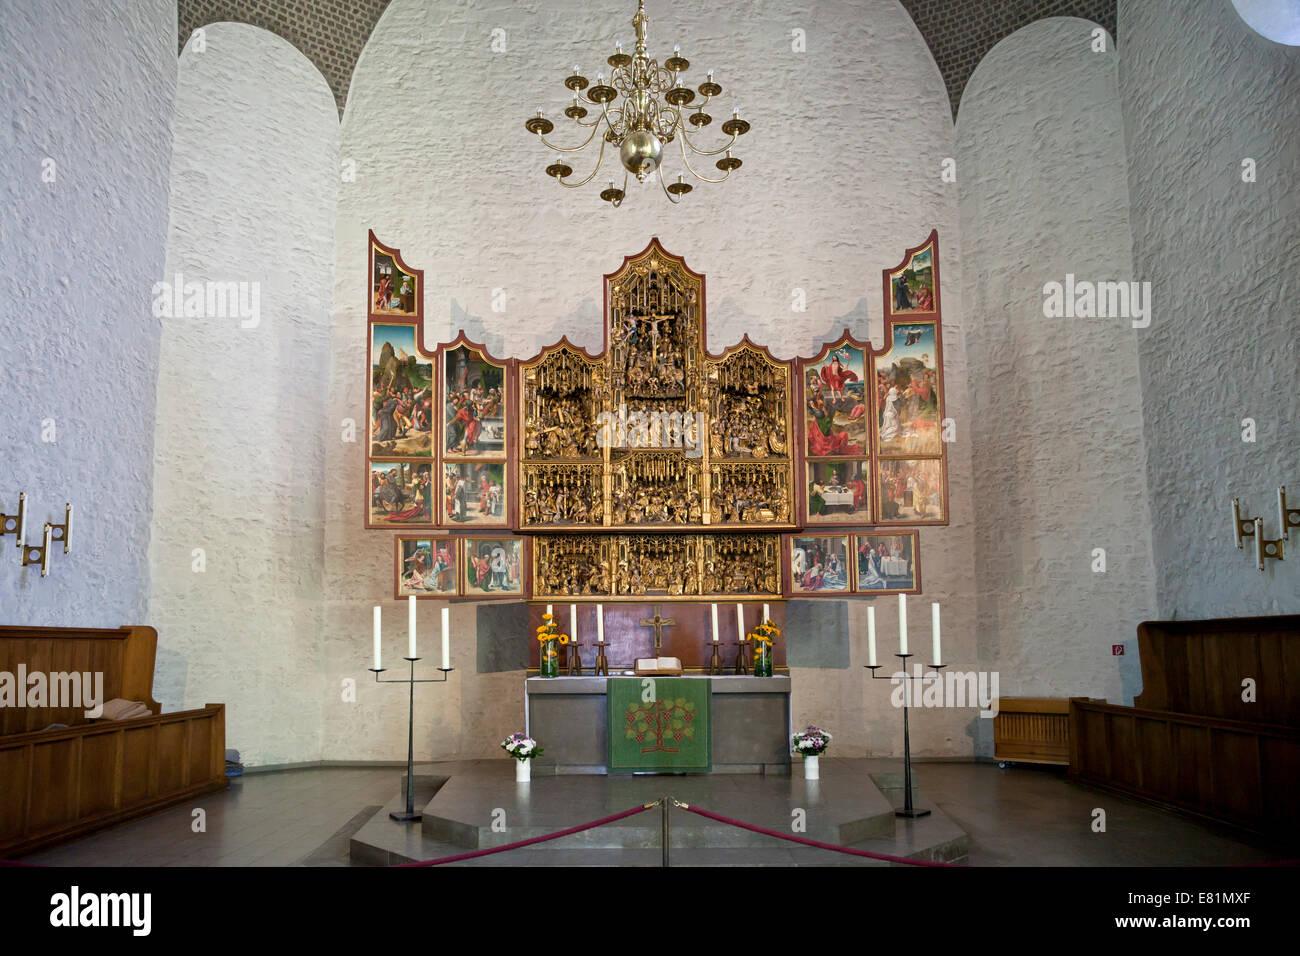 die geschnitzten altar in der kirche altst dter nicolaikirche bielefeld nordrhein westfalen. Black Bedroom Furniture Sets. Home Design Ideas